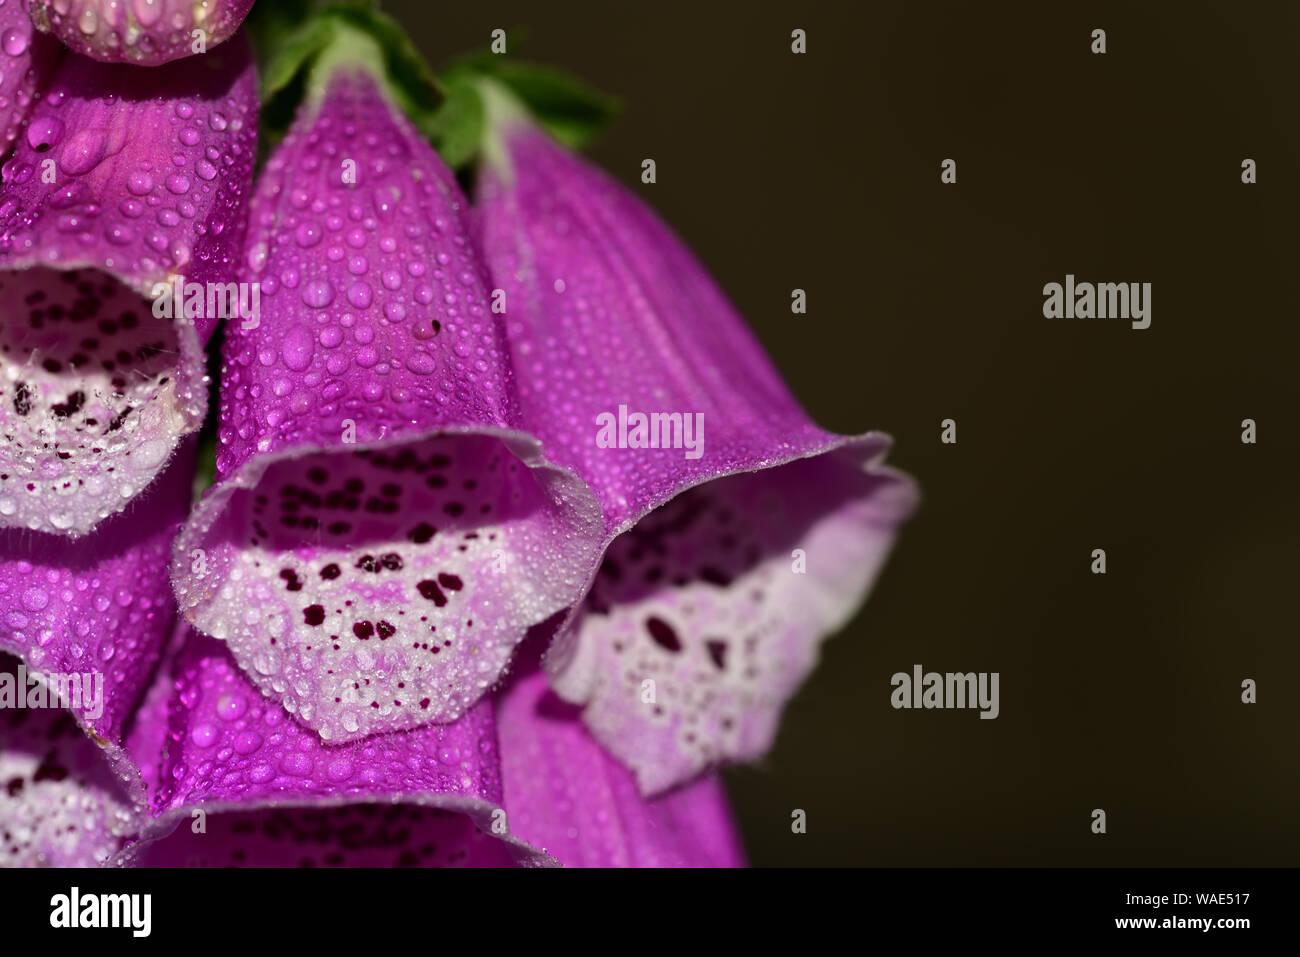 Close-up of a blooming foxglove blossom avec calice rose au printemps et les gouttes de rosée Banque D'Images